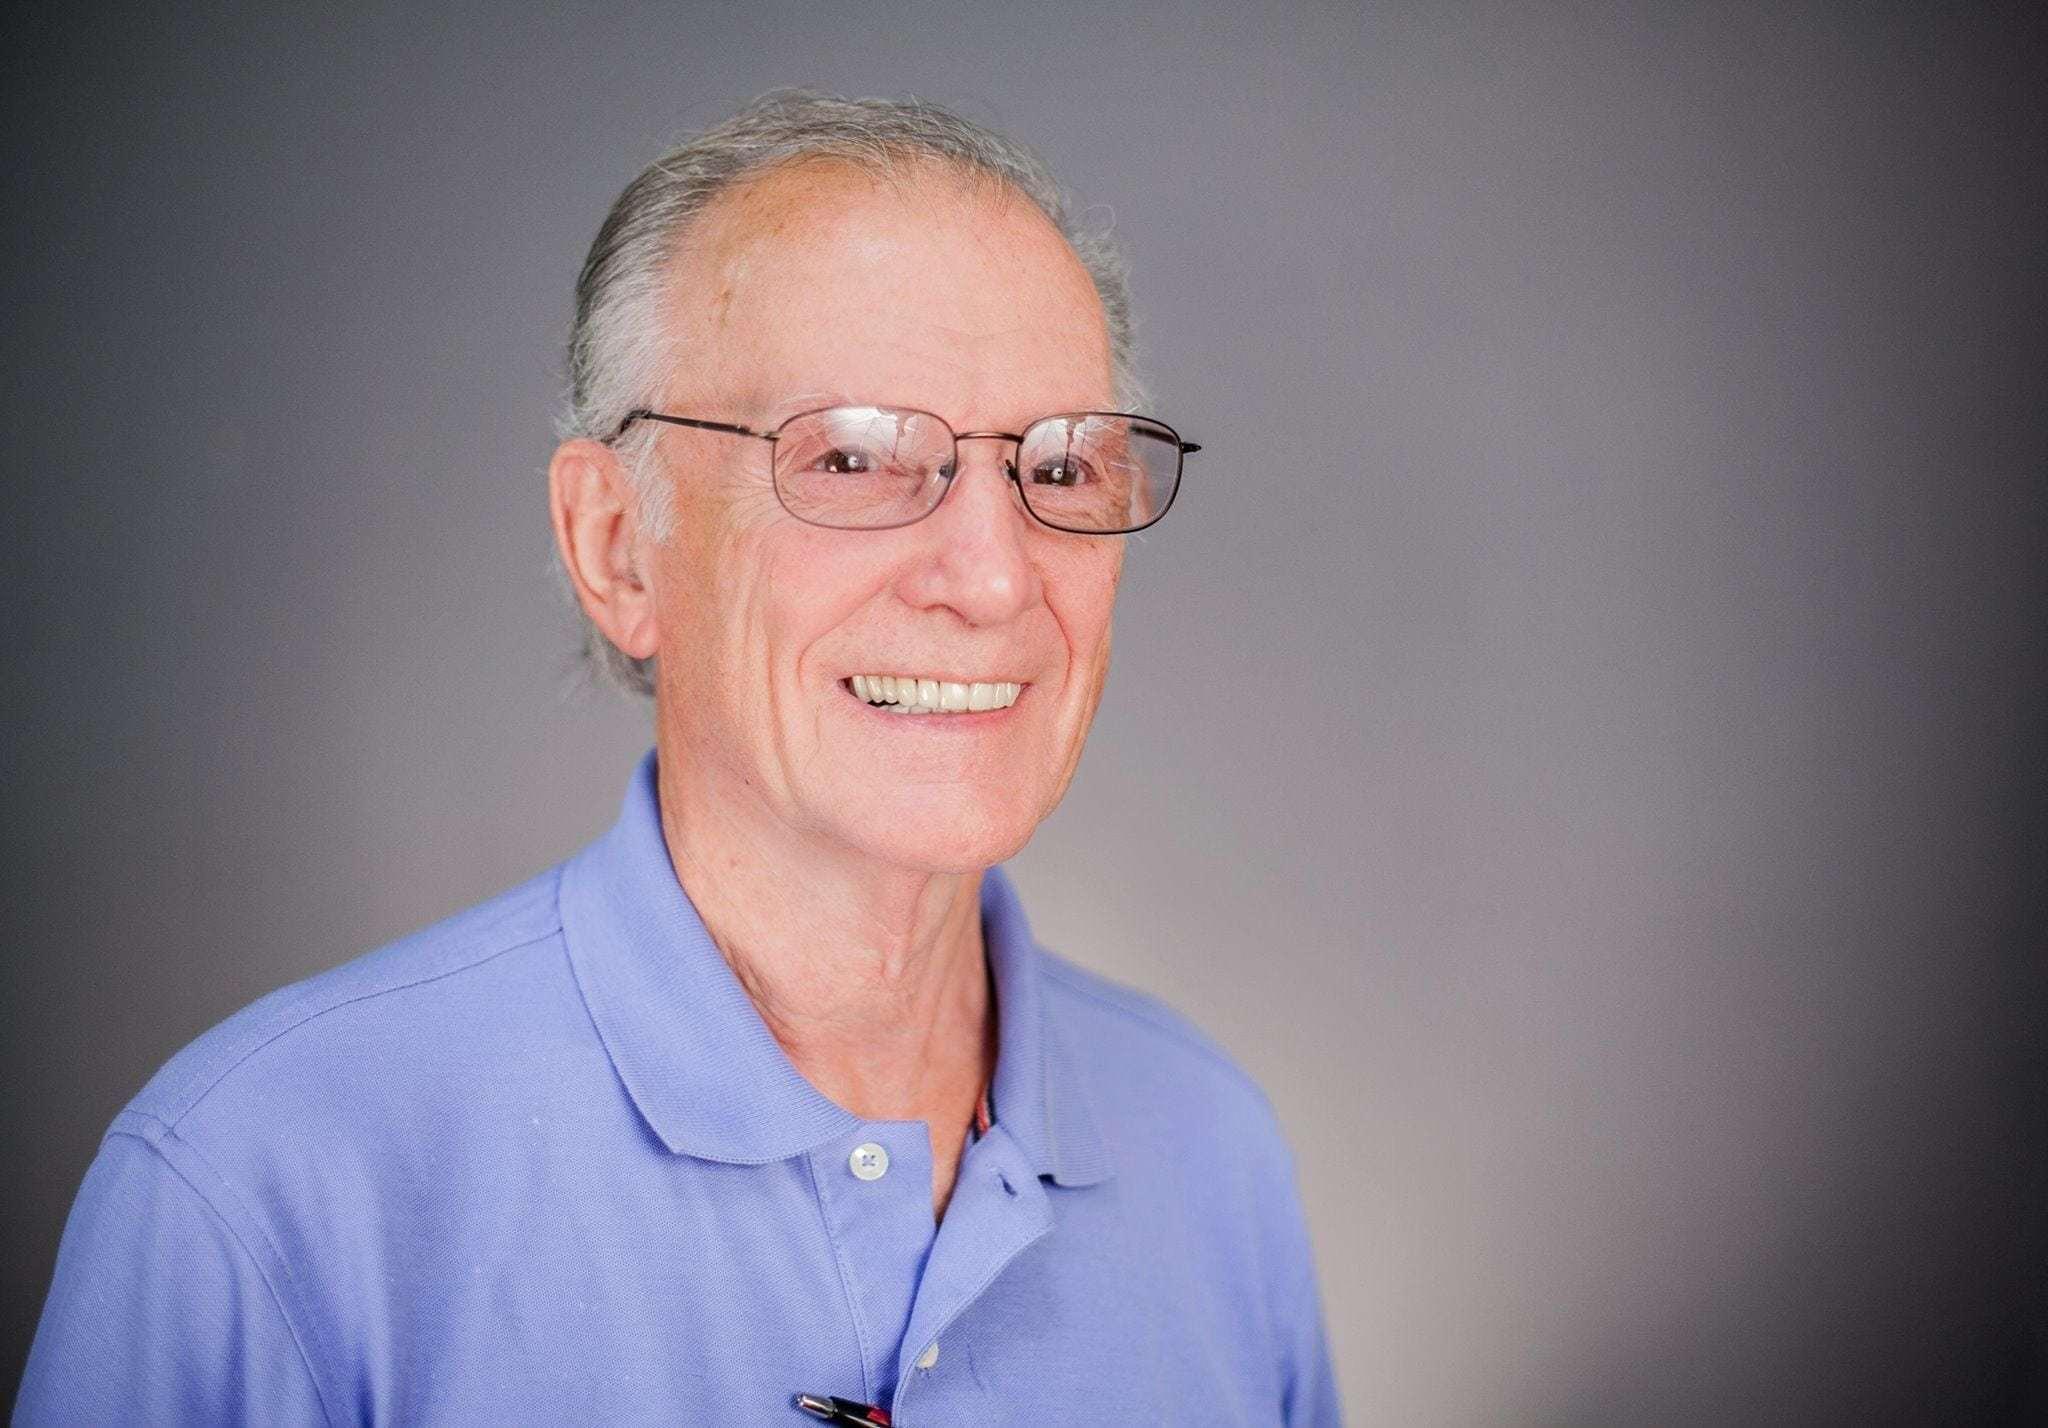 Larry Harris, Indoor Pollution Expert